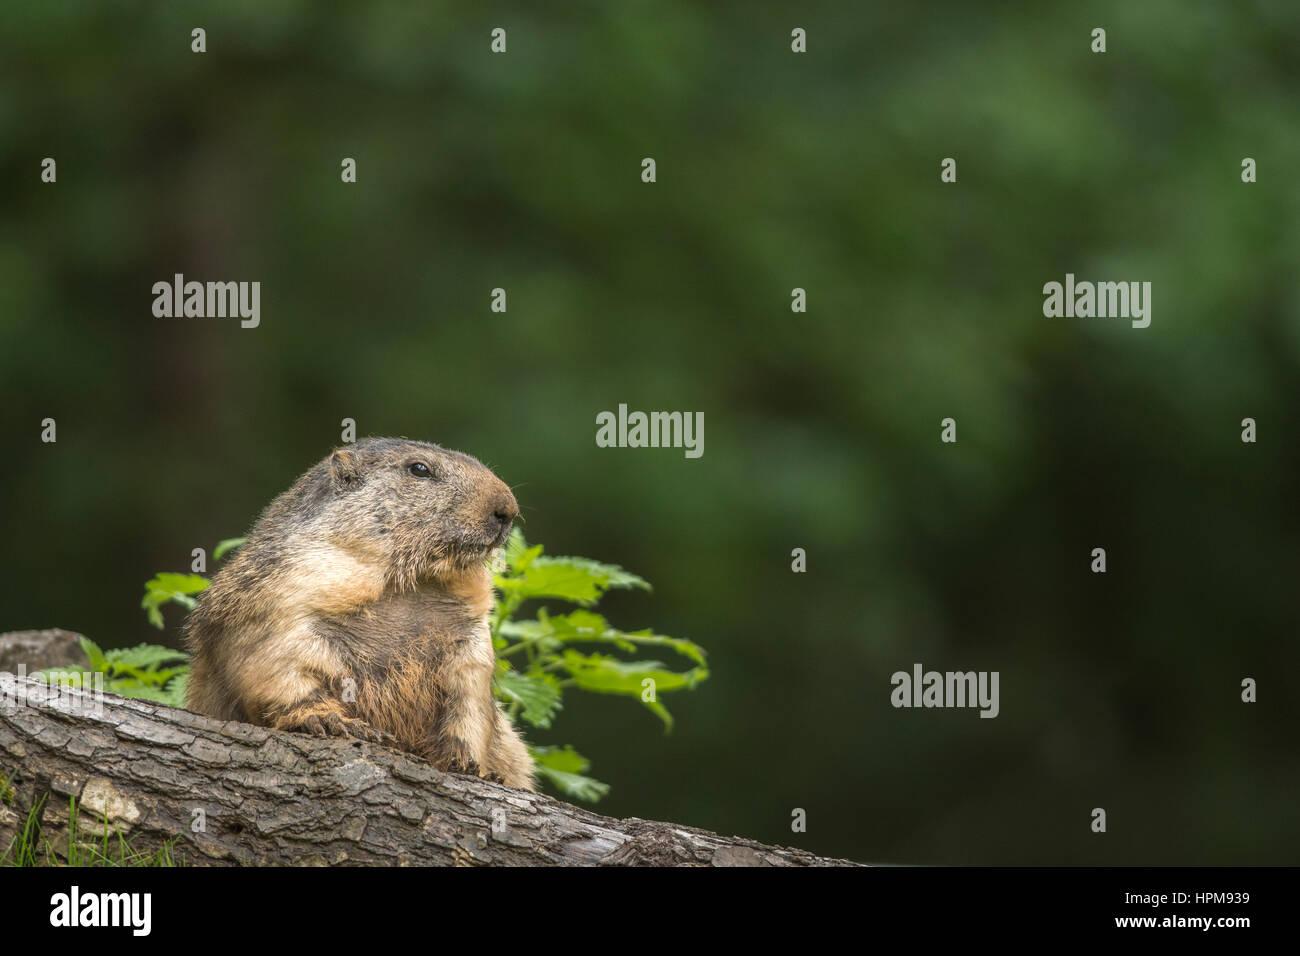 Une marmotte sur un tronc d'arbre couché. Marmota marmota. - Stock Image